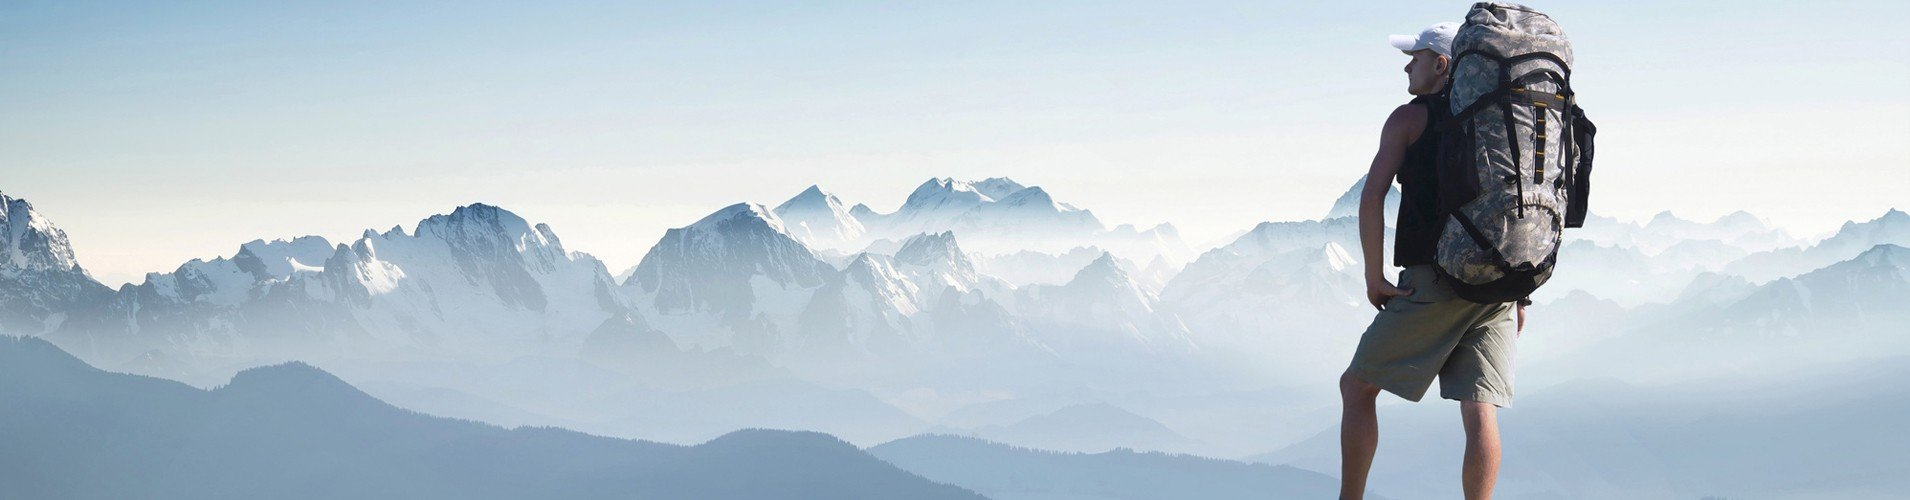 Bergsteiger mit Rucksack auf einem Plateau blickt auf schneebedeckte Gipfel